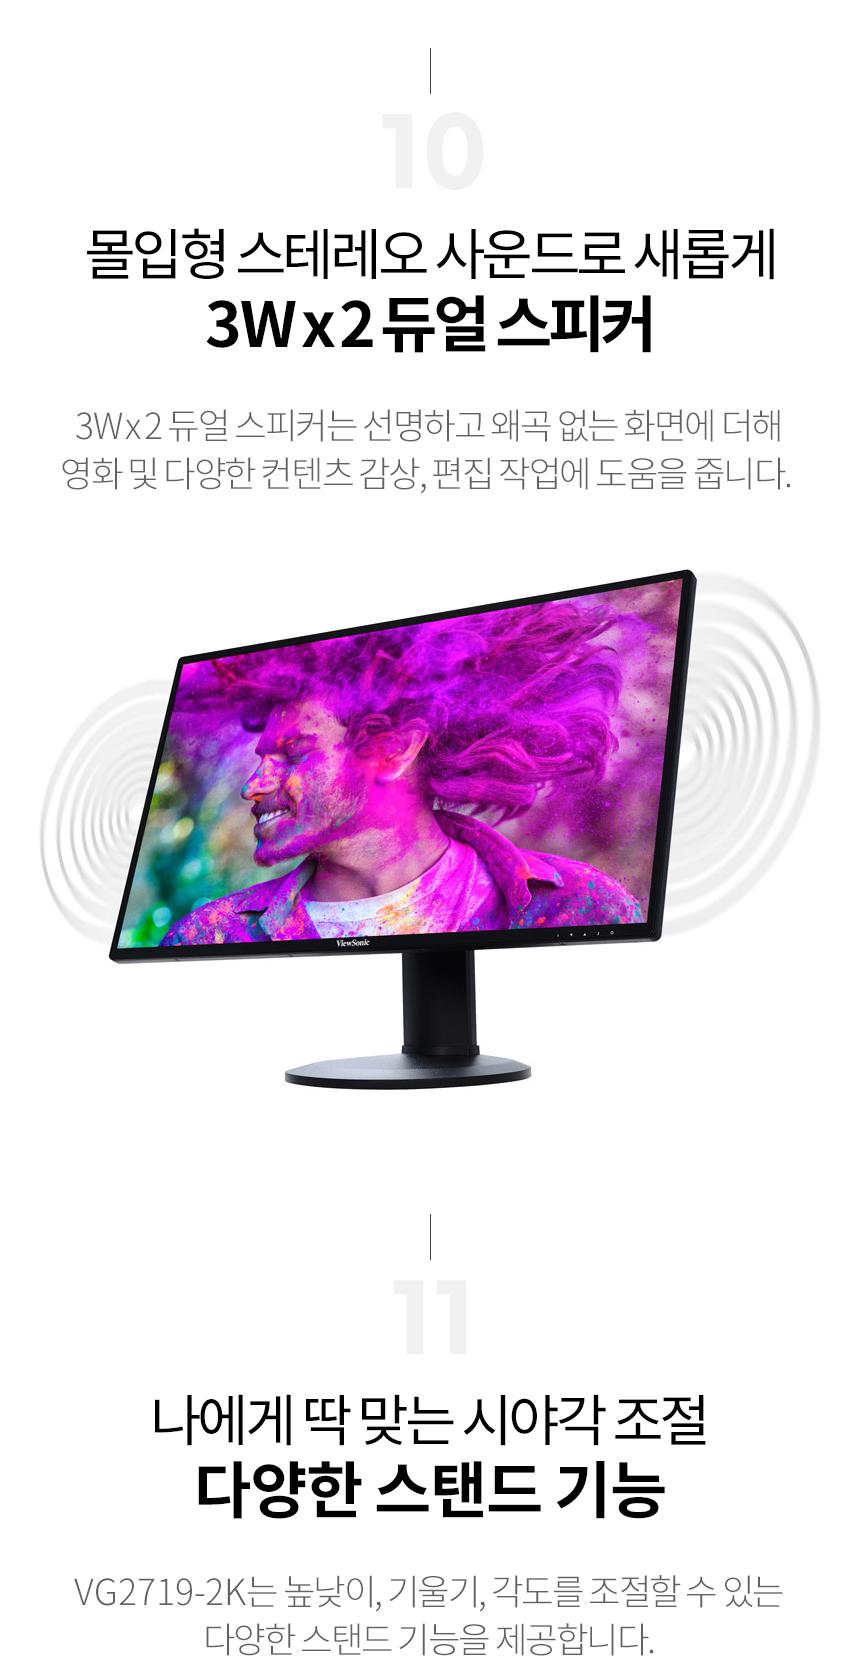 뷰소닉 VG2719-2K QHD IPS 멀티스탠드 무결점